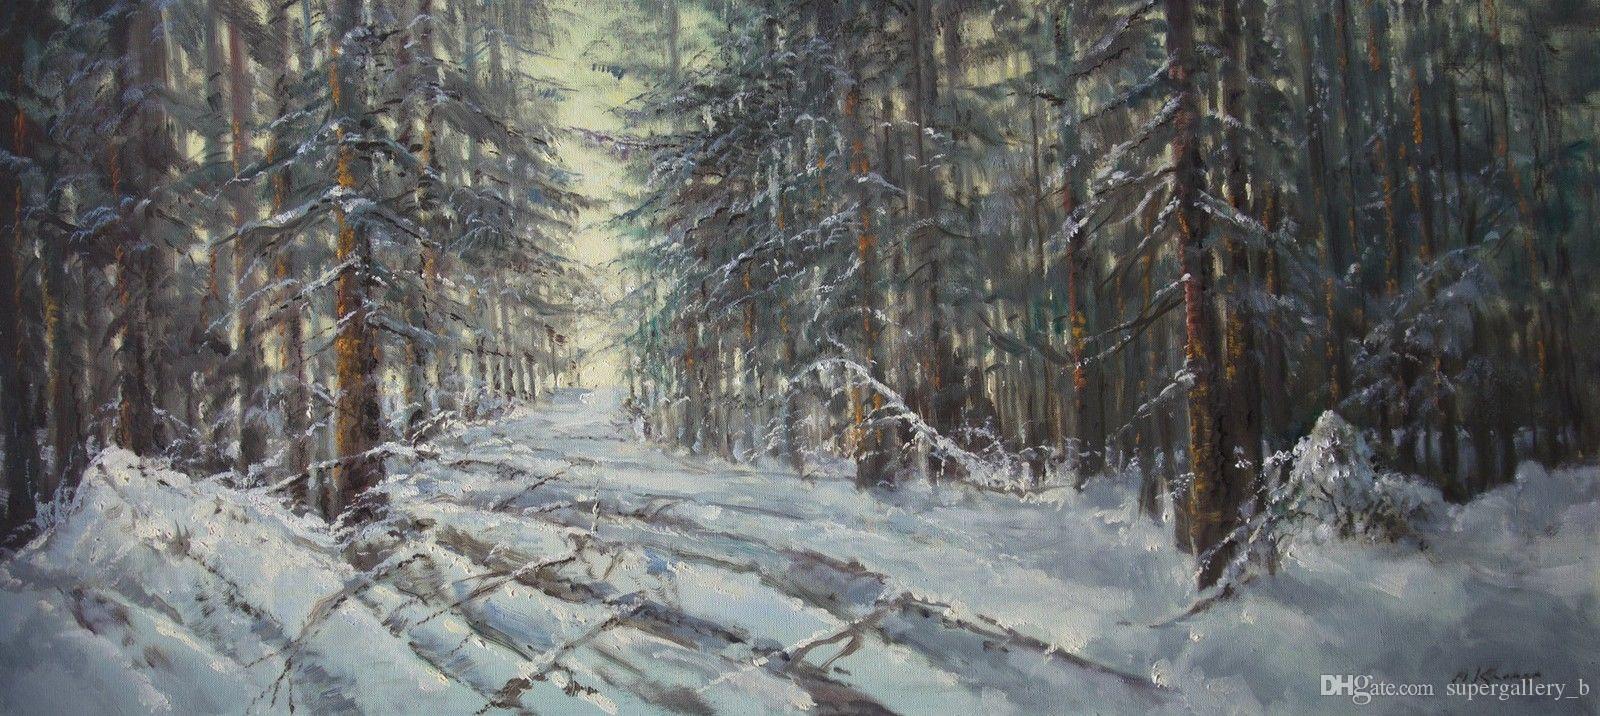 Acheter Winter In Forest Peinture Par Mark Kremer B 1928 Pure Peinture A Lhuile Russe Peint A La Main De Haute Qualite Canvas Taille Peut Personnalise De 17 92 Du Supergallery B Dhgate Com